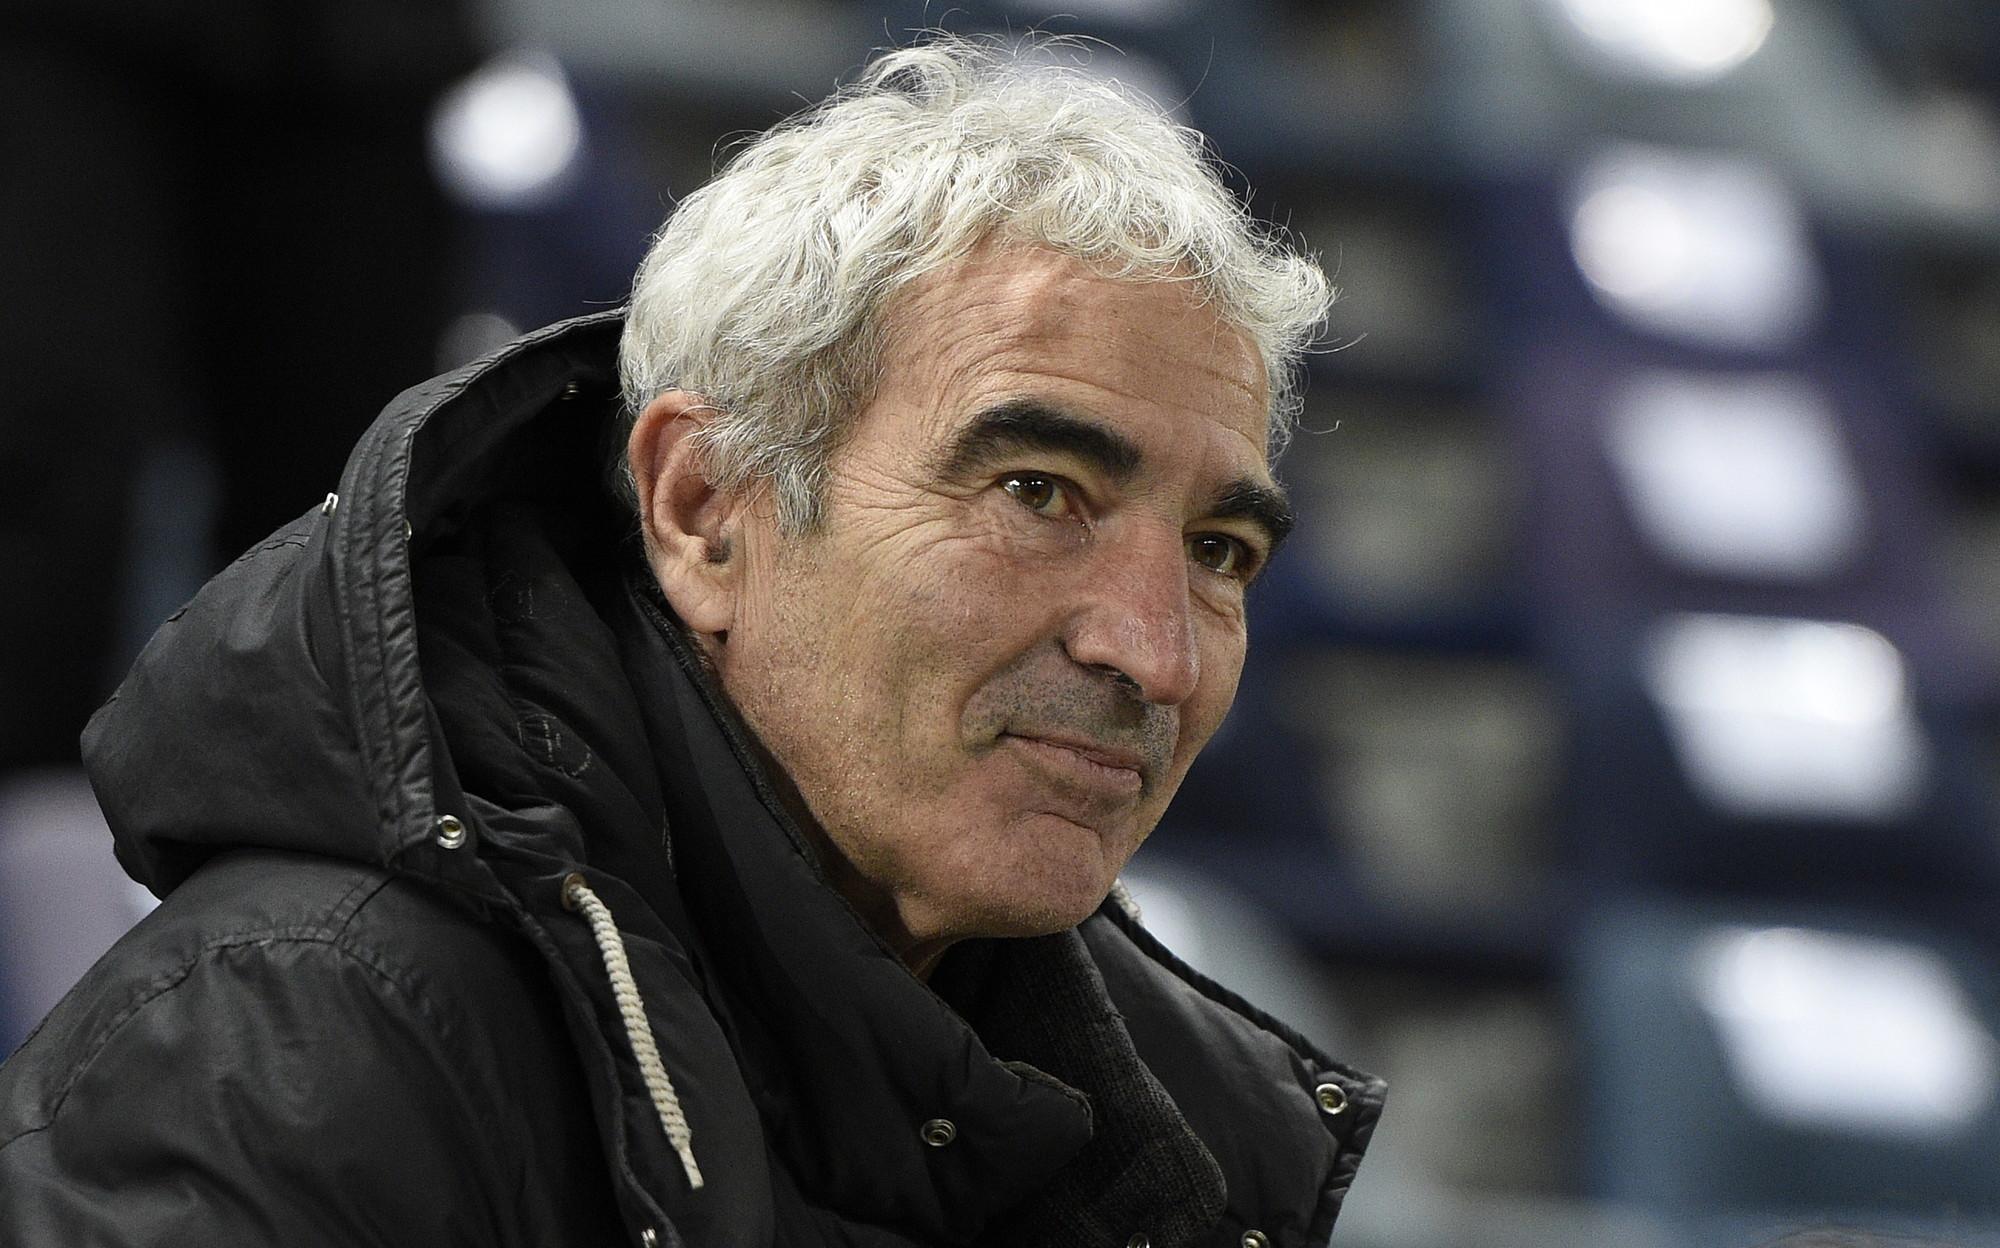 RAYMOND DOMENECH - l'ex ct della Francia non convocava giocatori nati sotto il segno dello scorpione. E non voleva difensori del segno del Leone